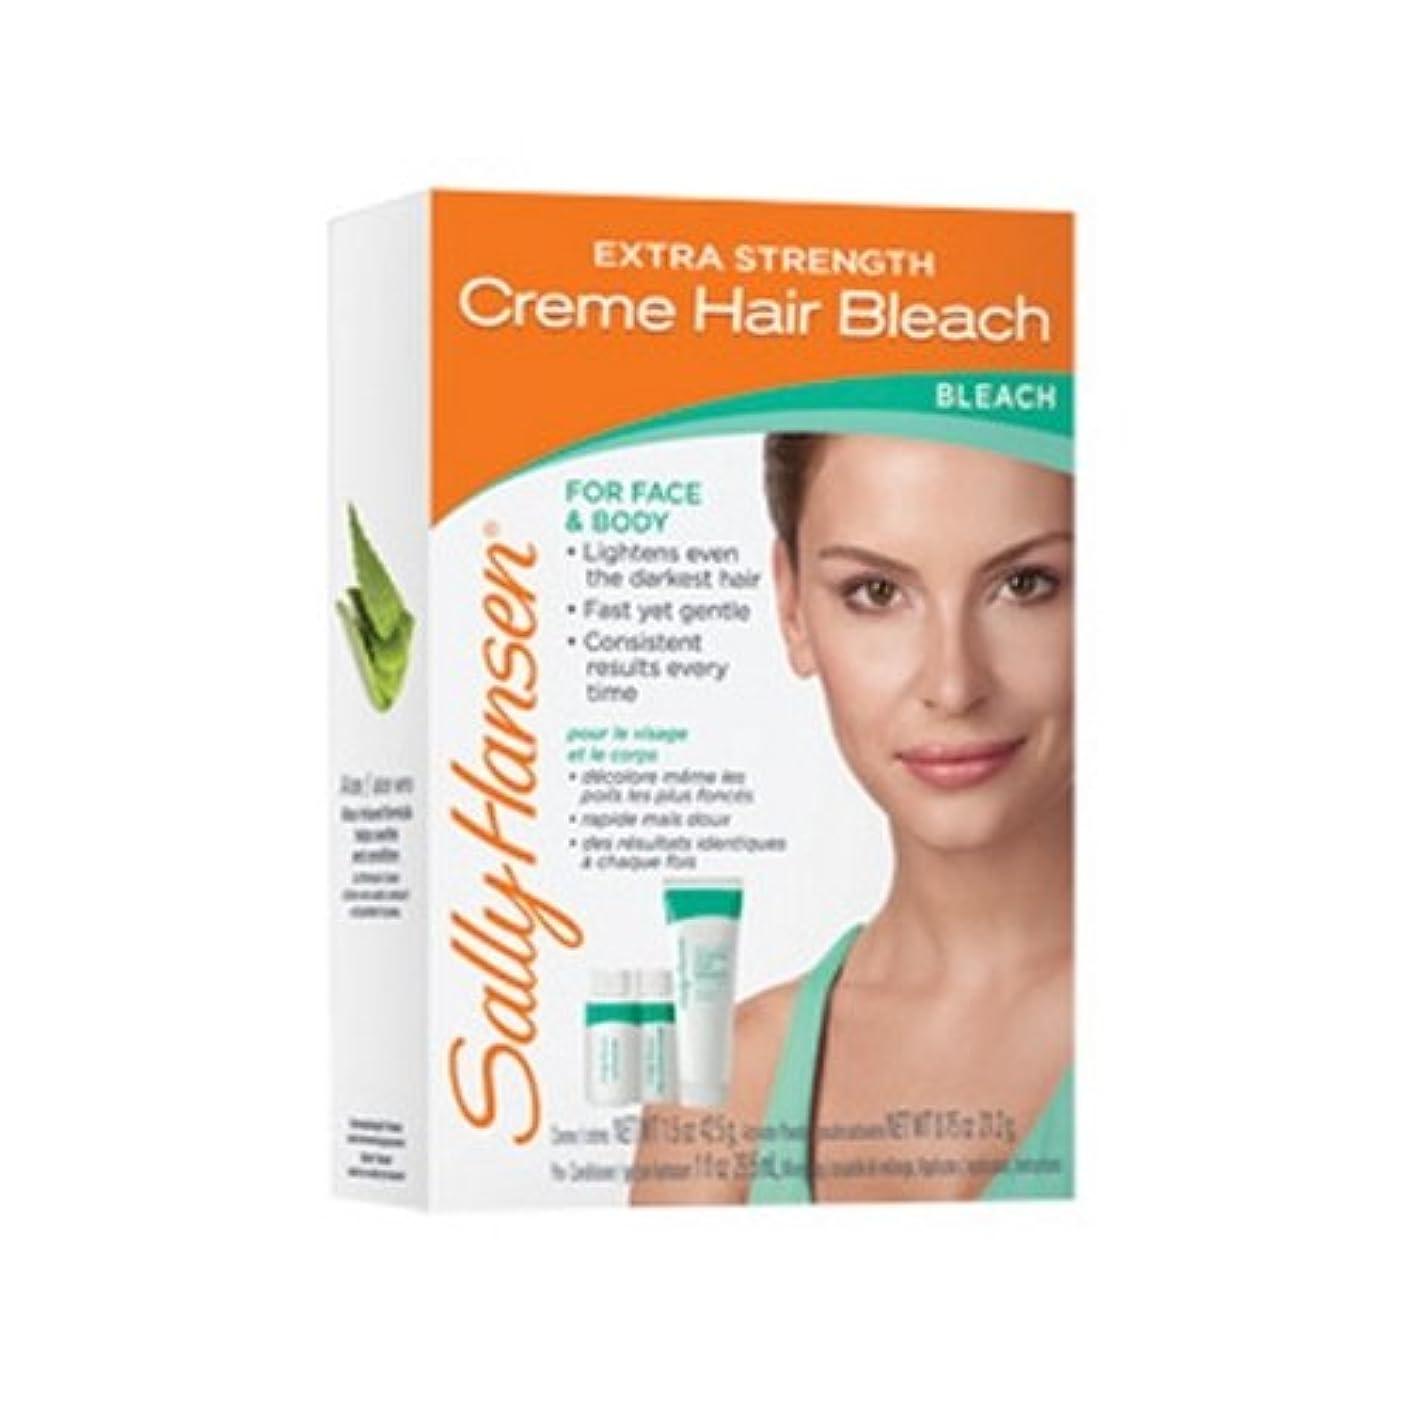 に試験置き場SALLY HANSEN Extra Strength Creme Hair Bleach for Face & Body - SH2010 (並行輸入品)